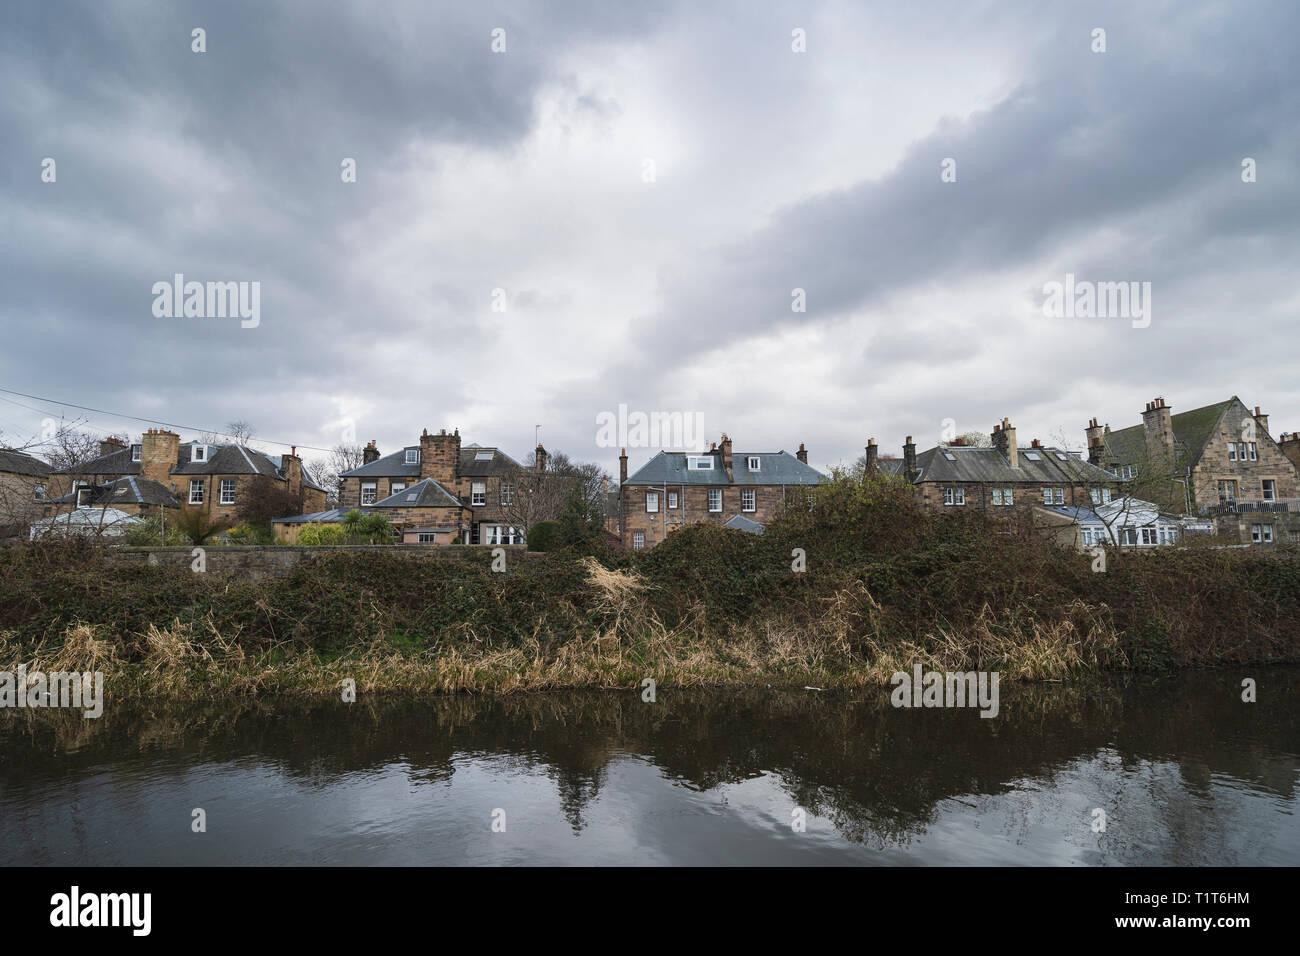 Grandes chalets en Merchiston y Union Canal a principios de la primavera en Edimburgo, Escocia, Reino Unido Imagen De Stock